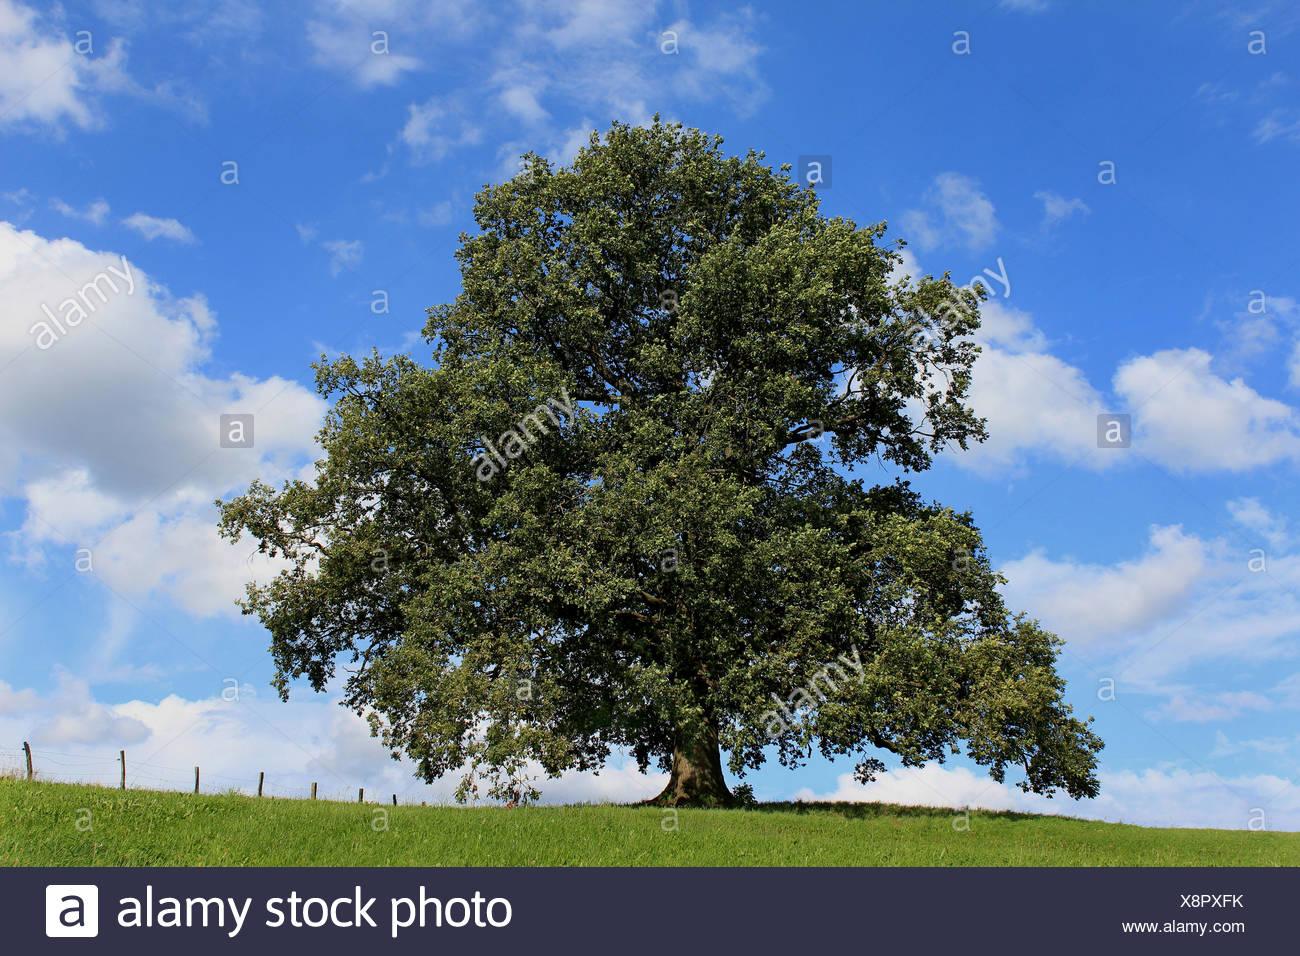 aprox. 300 years old oak tree in midsummer at arnsberg-wennigloh, hochsauerlandkreis, nrw, germany / etwa 300 jahre alte eiche im hochsommer bei arnsb Stock Photo